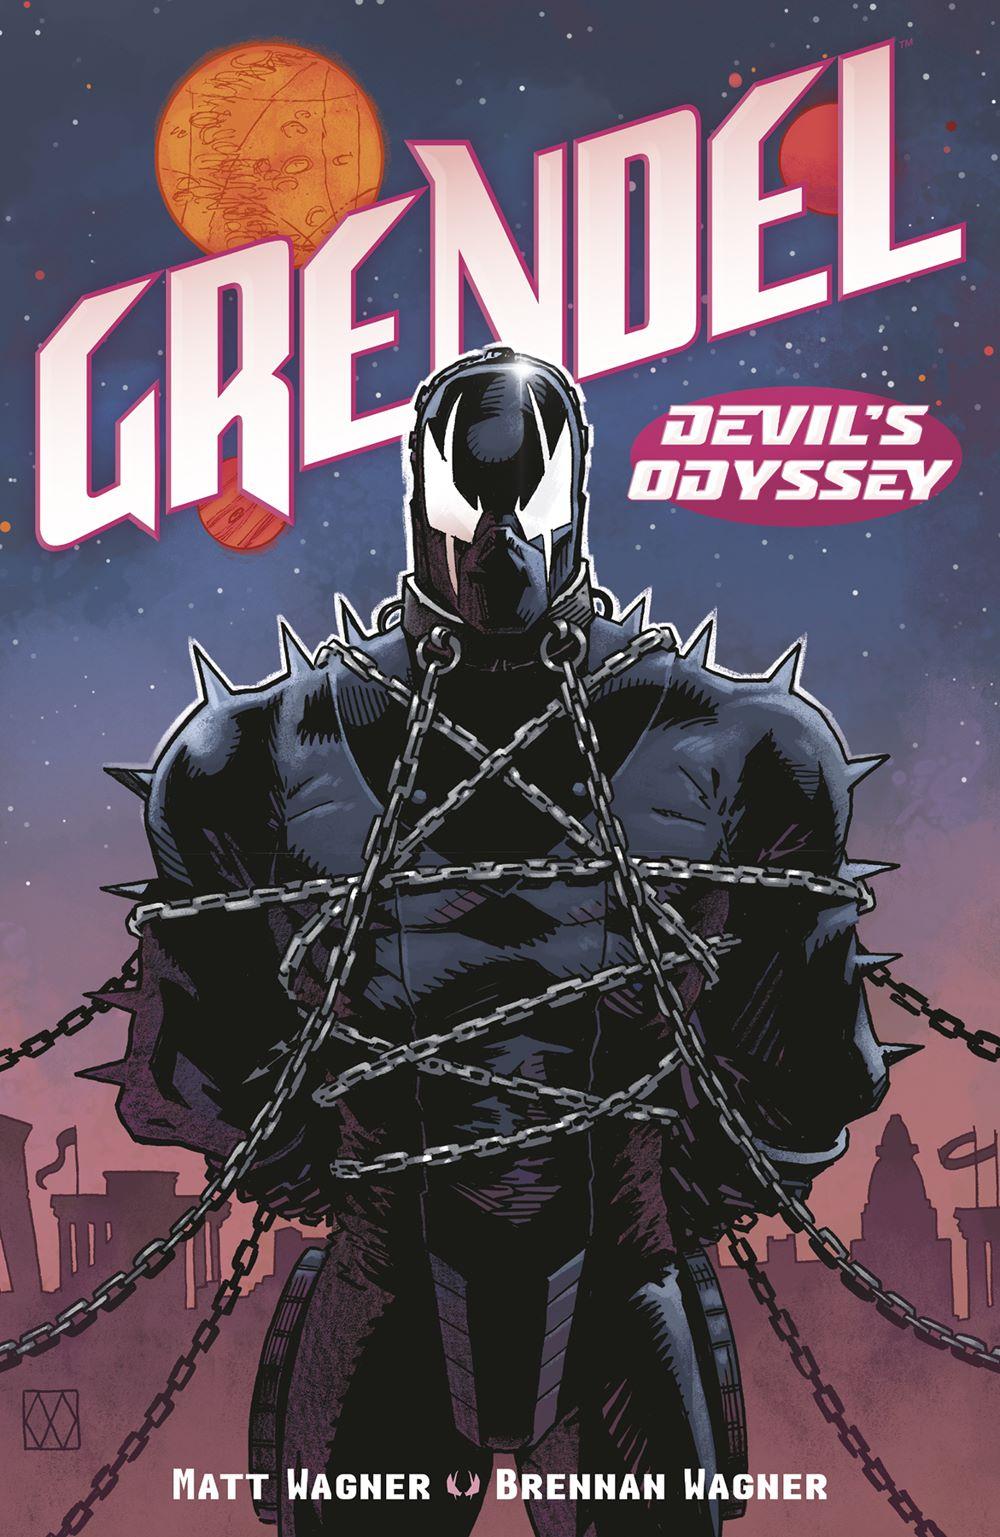 GRDO_i7_CVR_4x6_SOL Dark Horse Comics June 2021 Solicitations